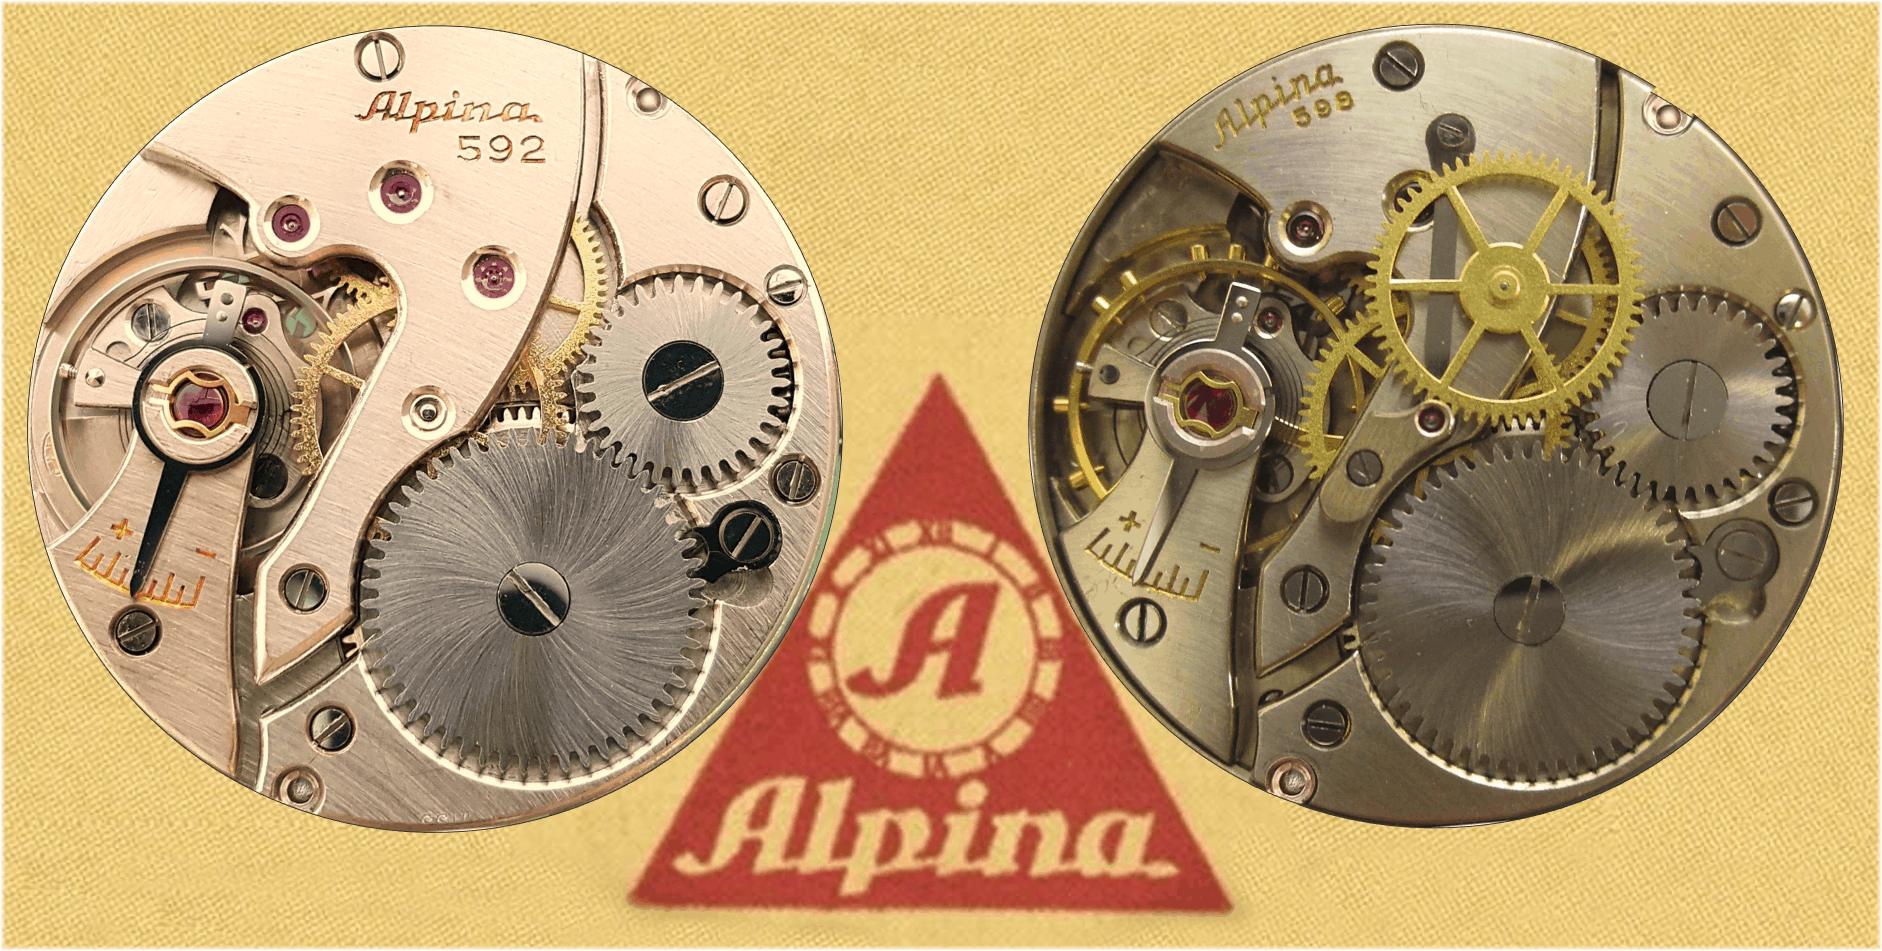 Alpina mit dem Handaufzugskaliber 592 sowie dem Modell Alpina 598